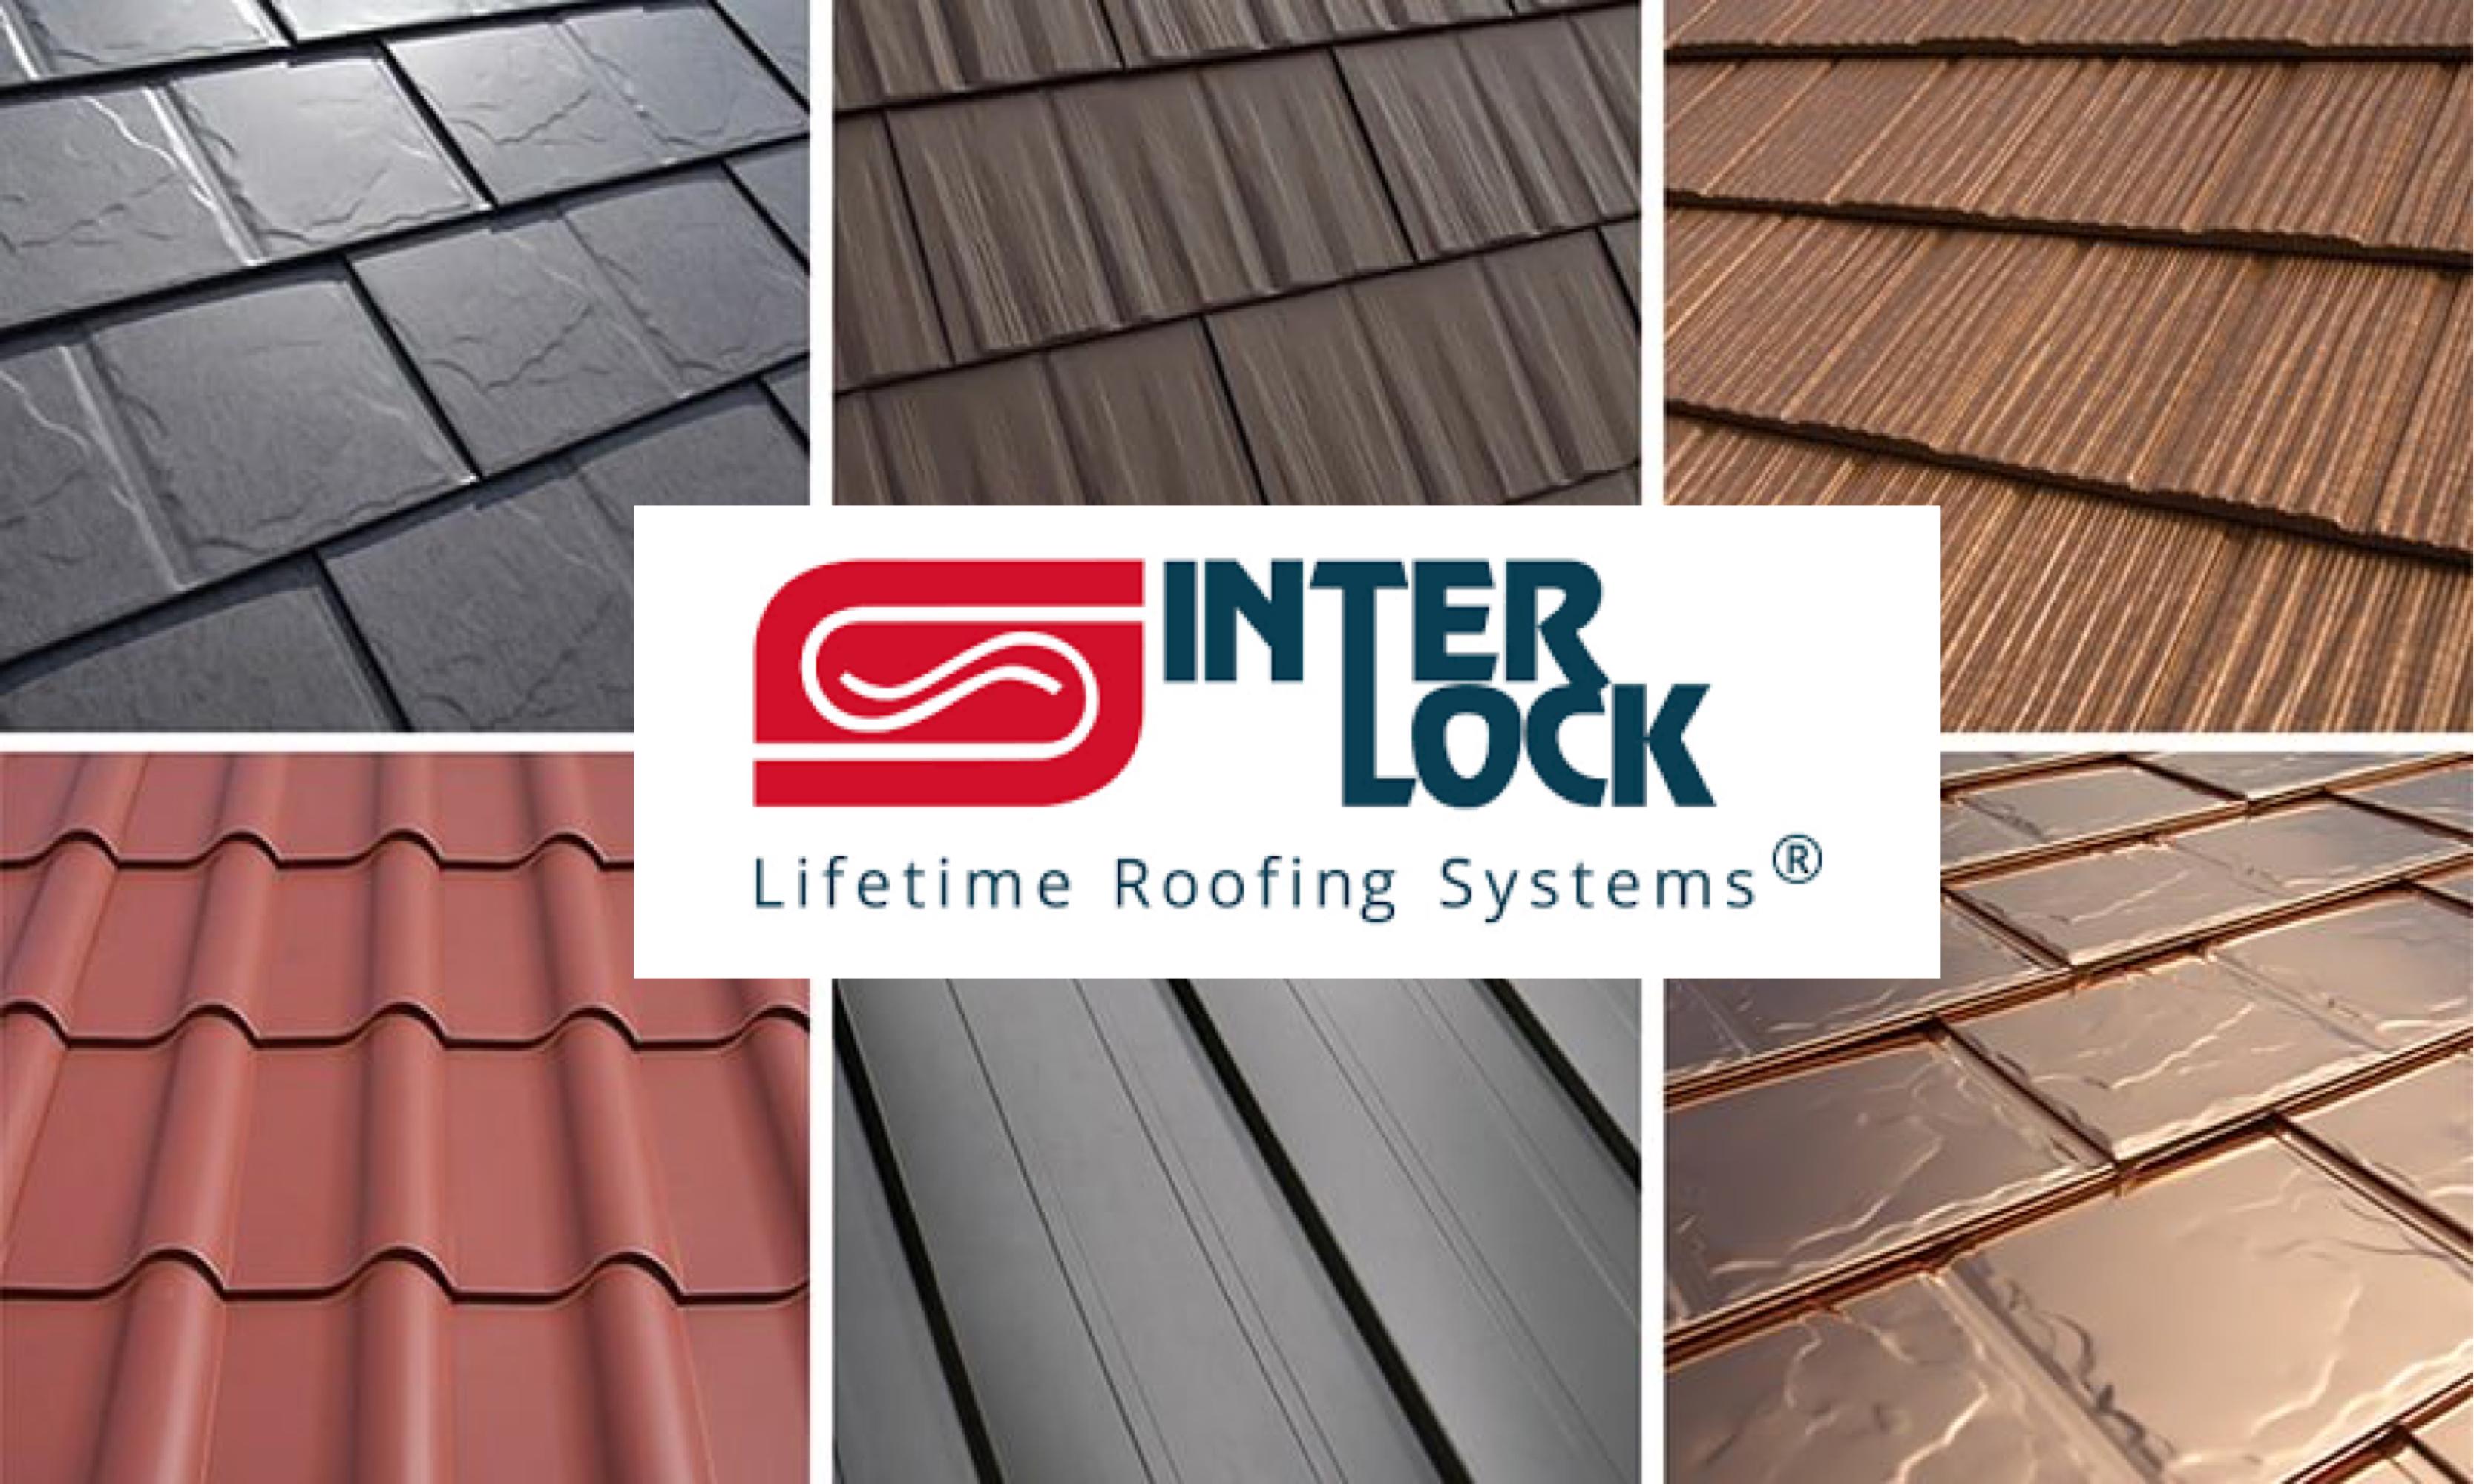 InterLock Roofing